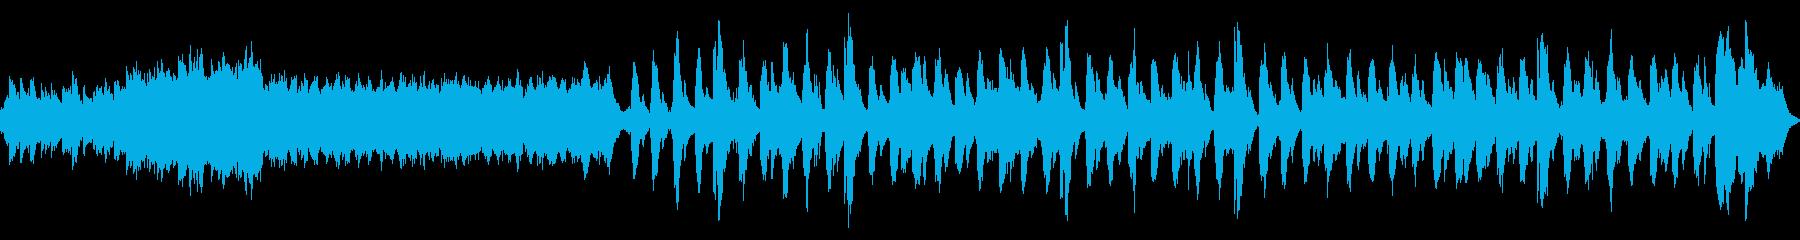 ウエディングの風景の再生済みの波形